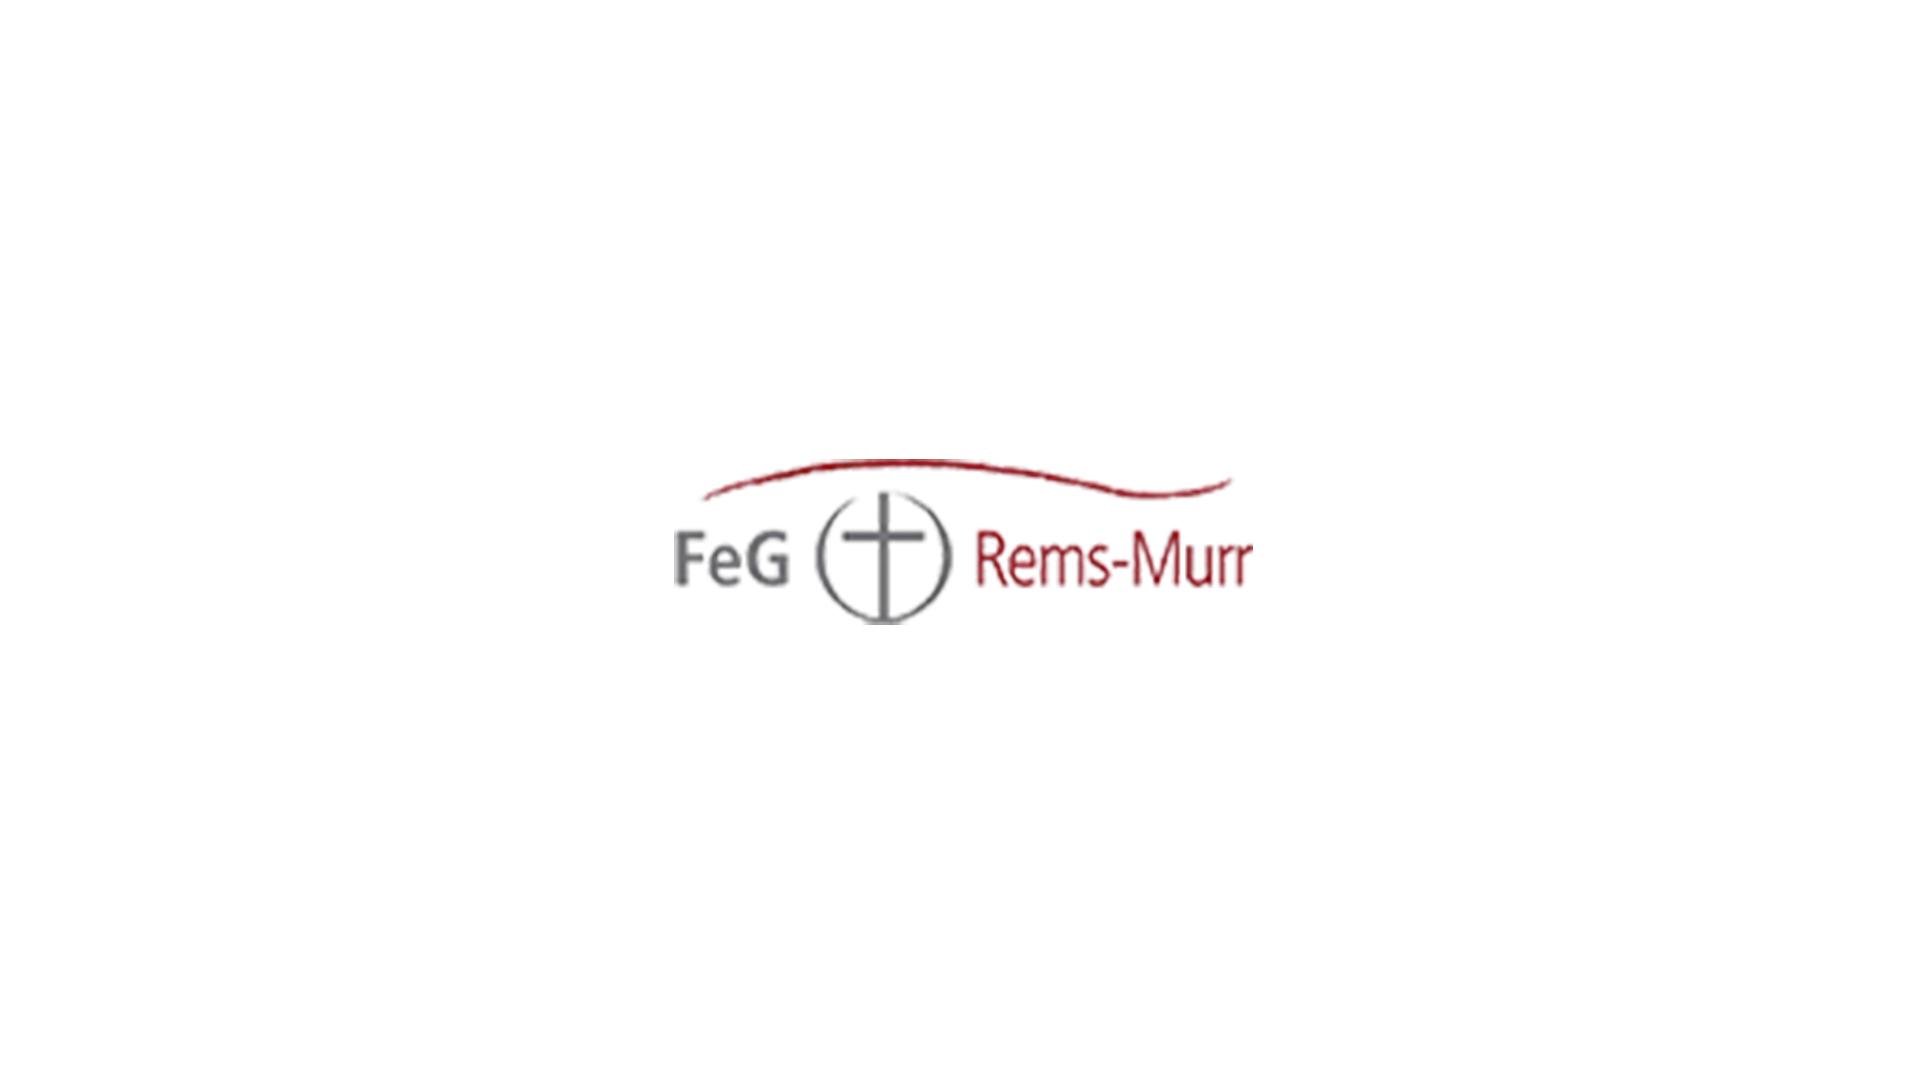 Pfleiderer Projektbau: Sponsoring FeG Rems-Murr